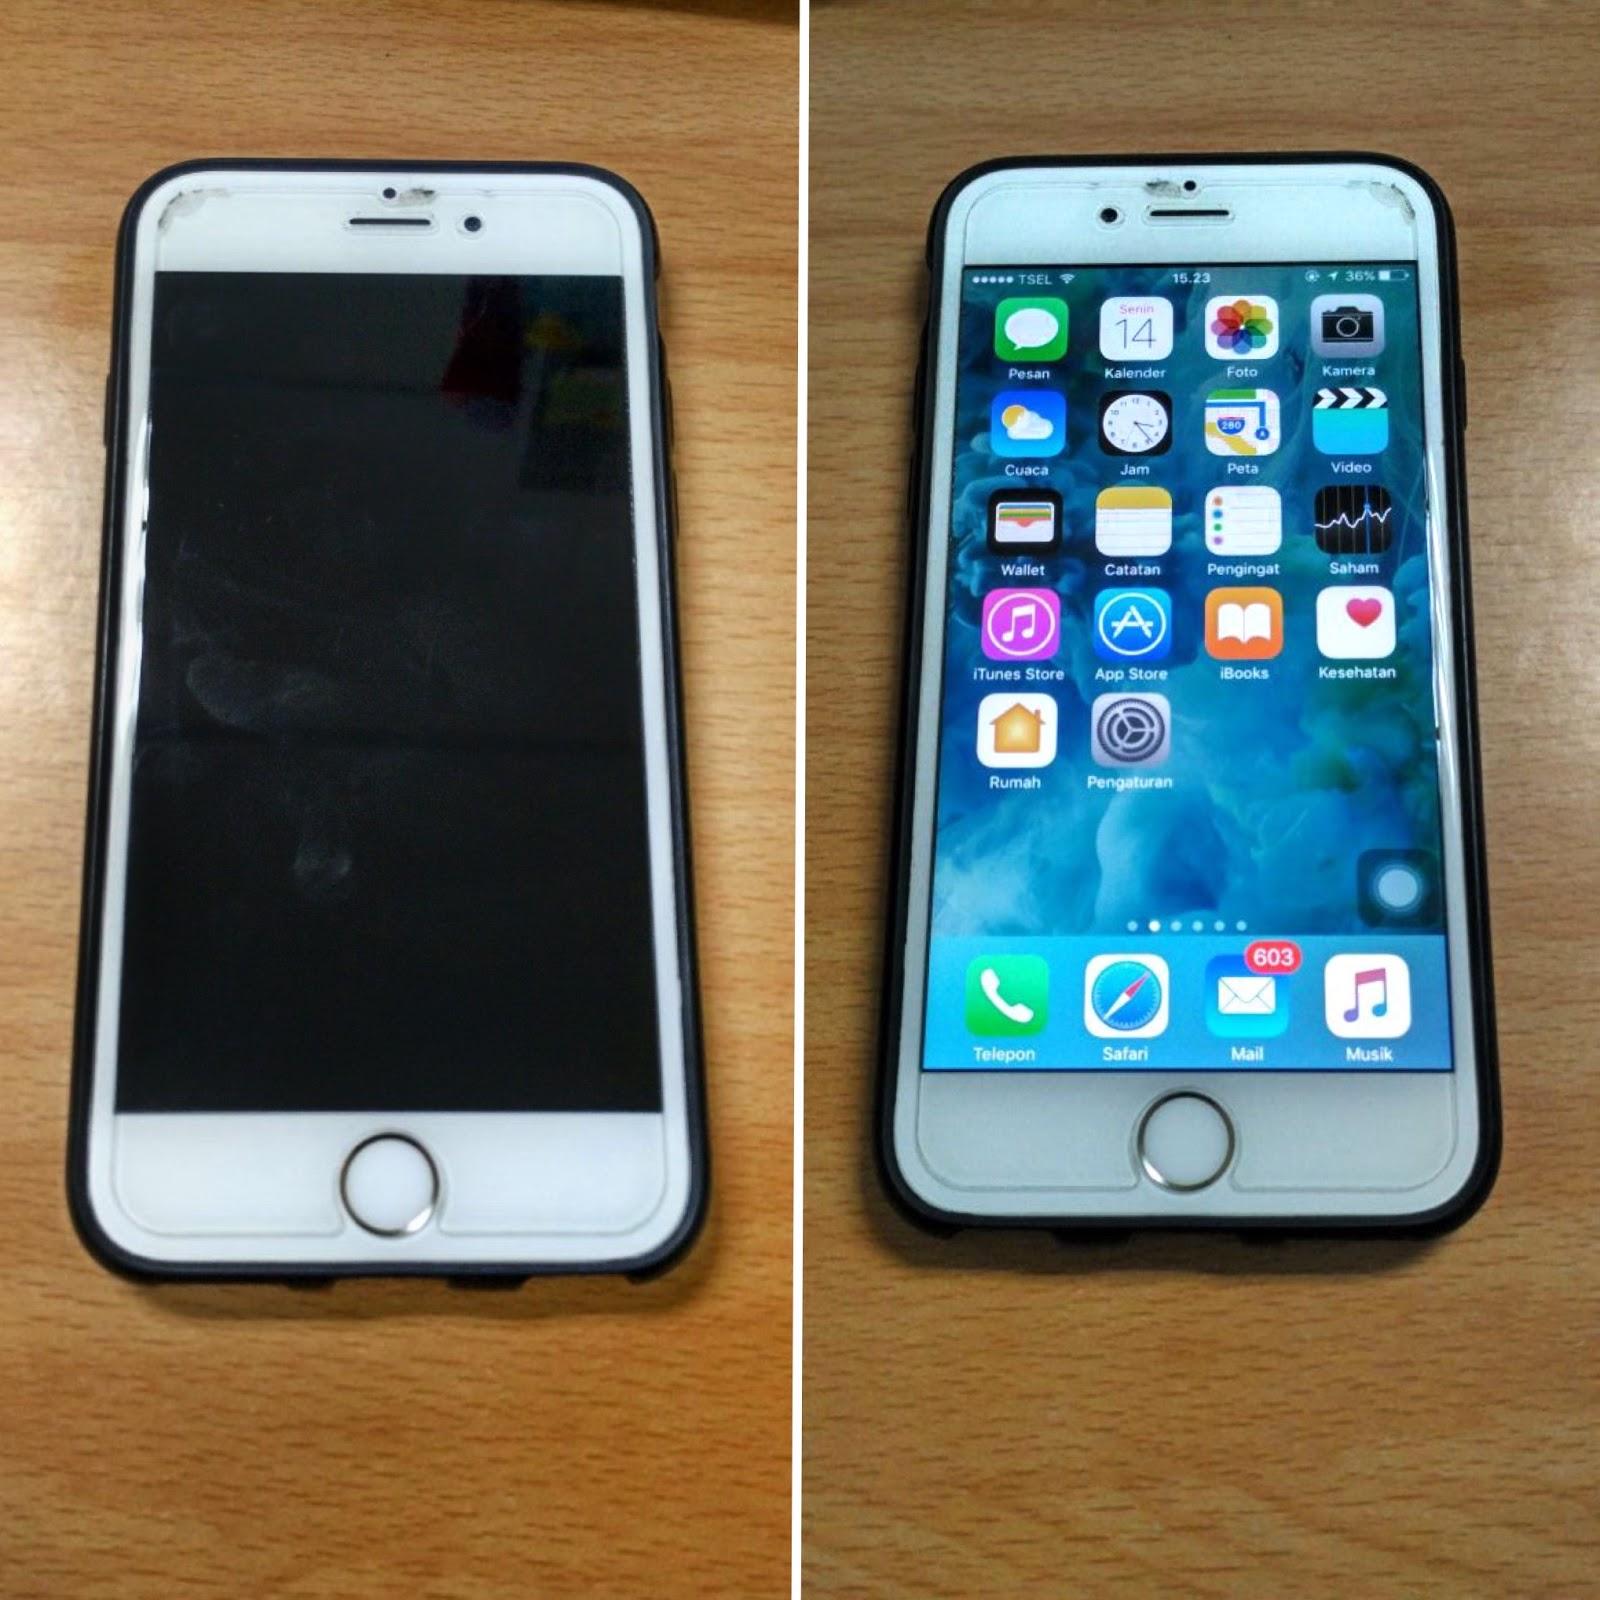 Iphone Tiba-Tiba Mati Total Jangan Panik ! - livejournalofasad.com